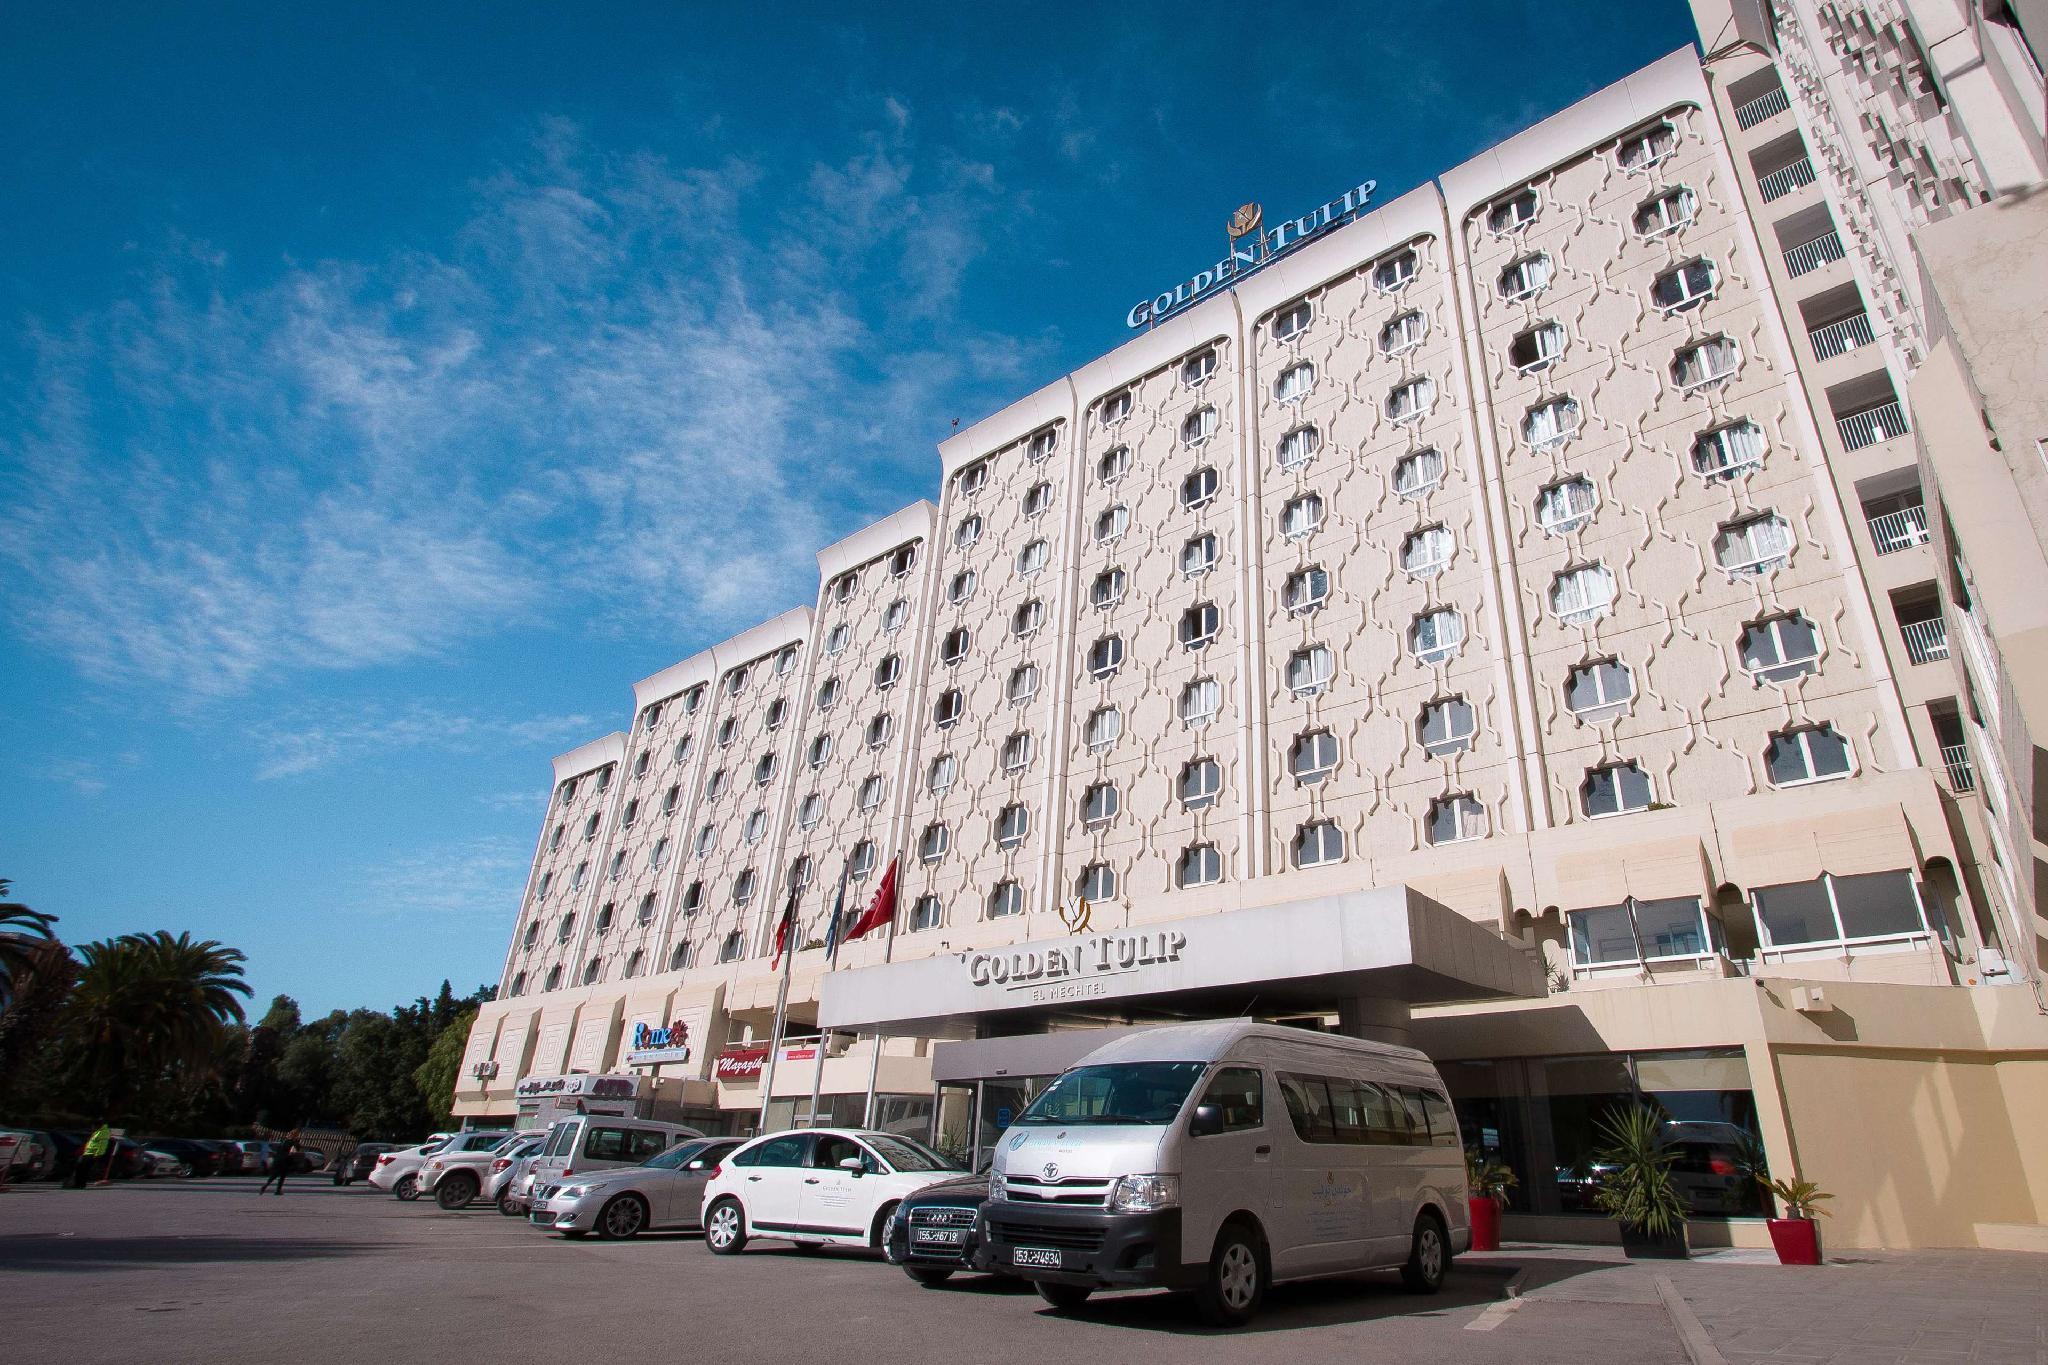 Golden Tulip El Mechtel Hotel